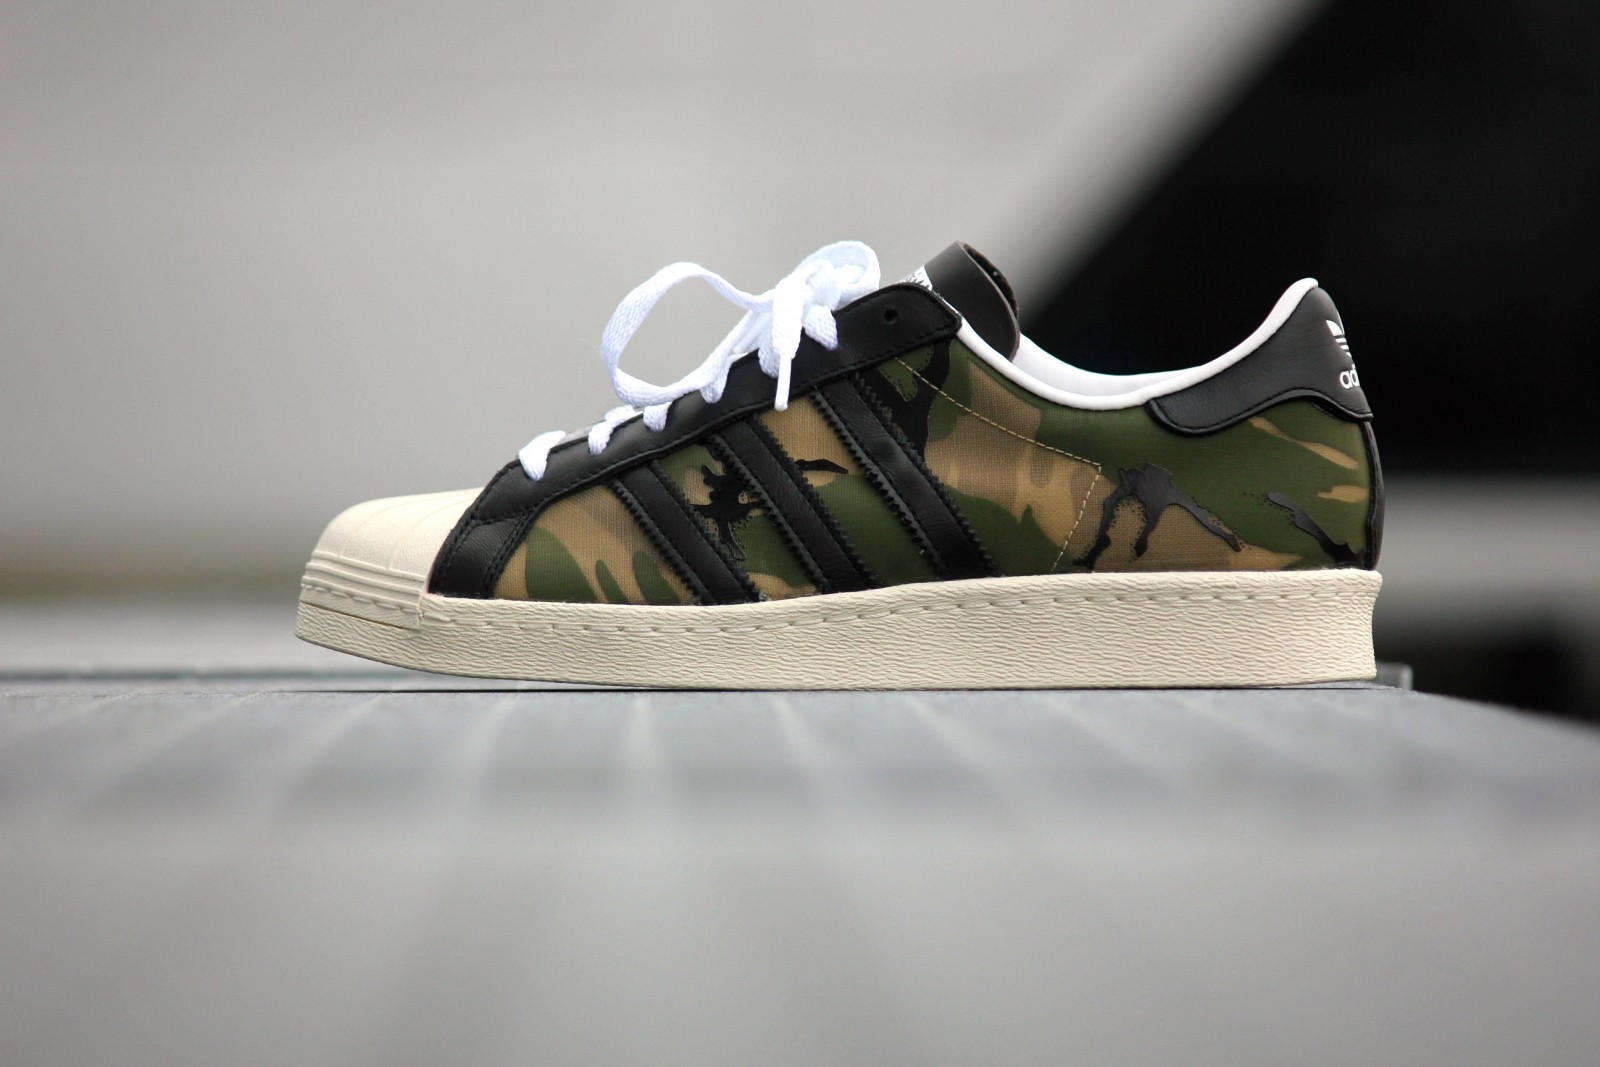 Adidas Superstar 80s x Clot x 84 Lab B20693